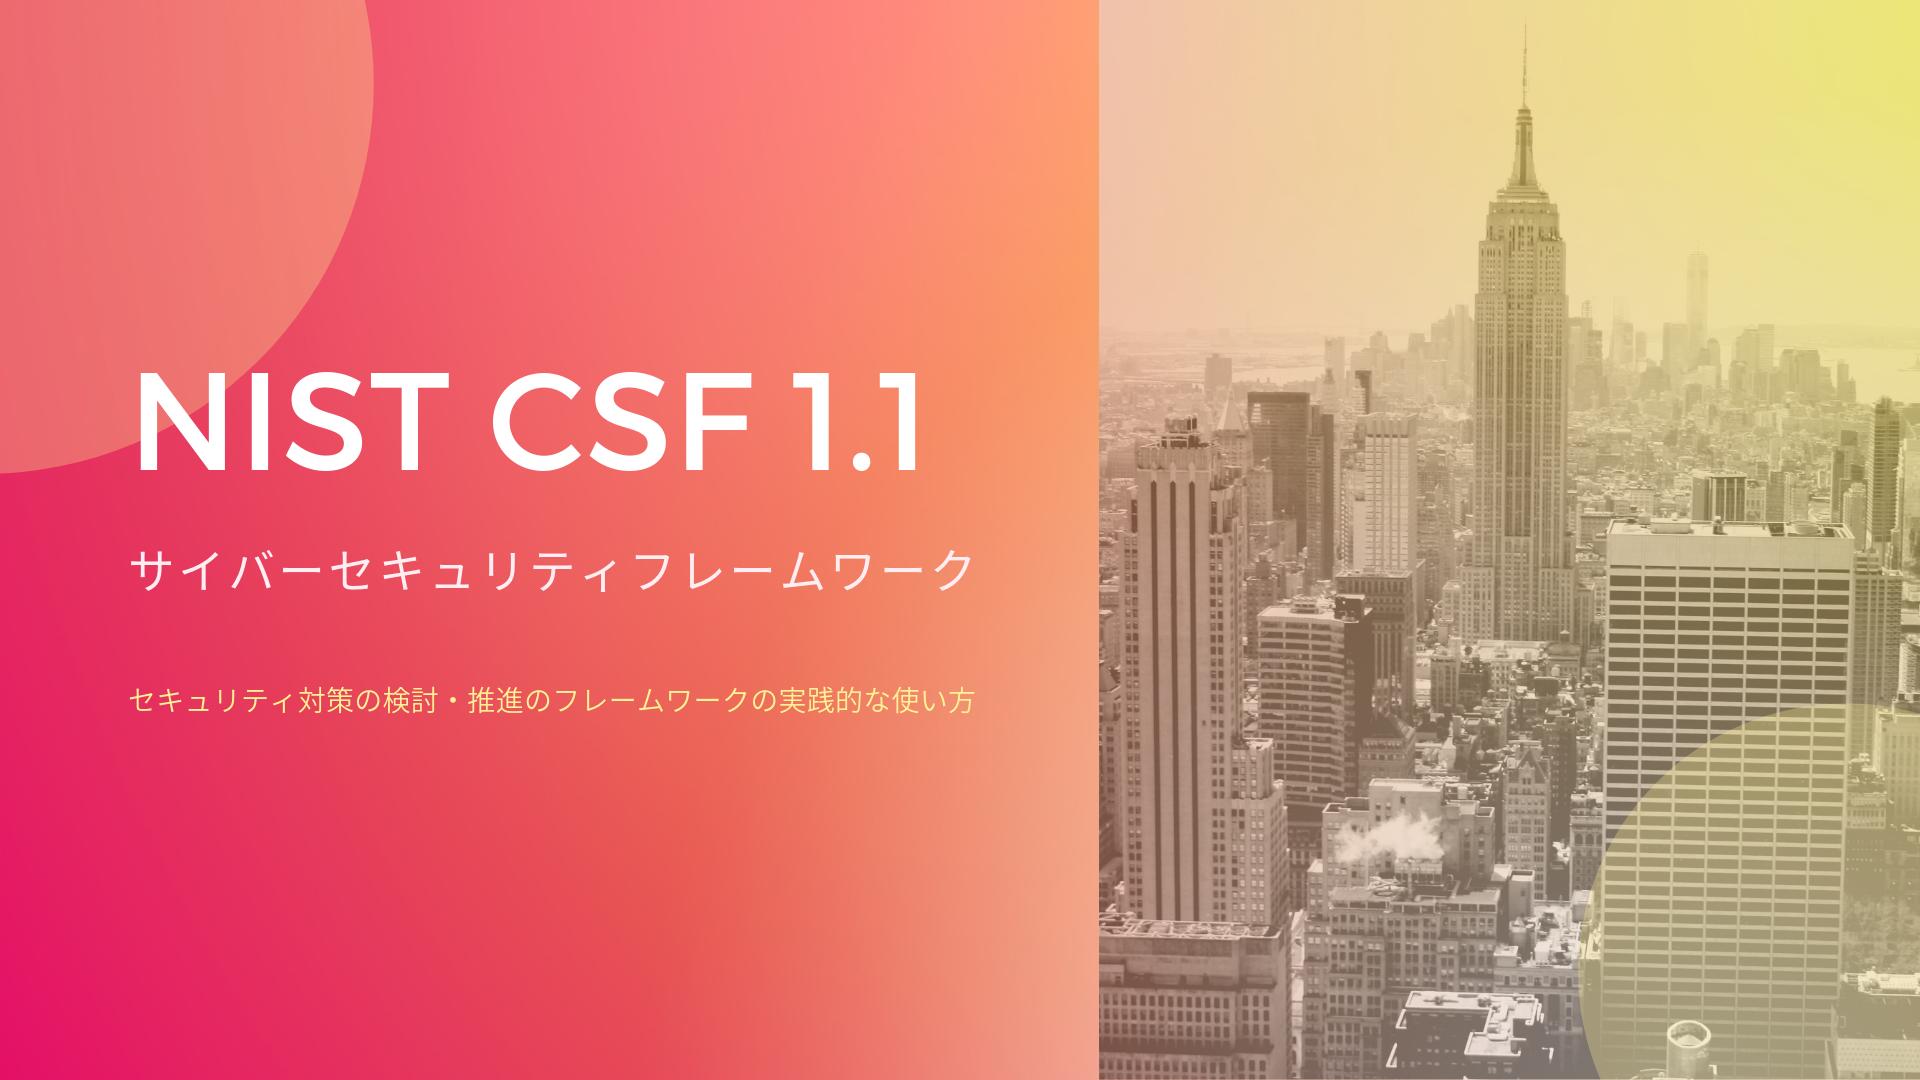 Secure SketCH_NIST CSF 1.1